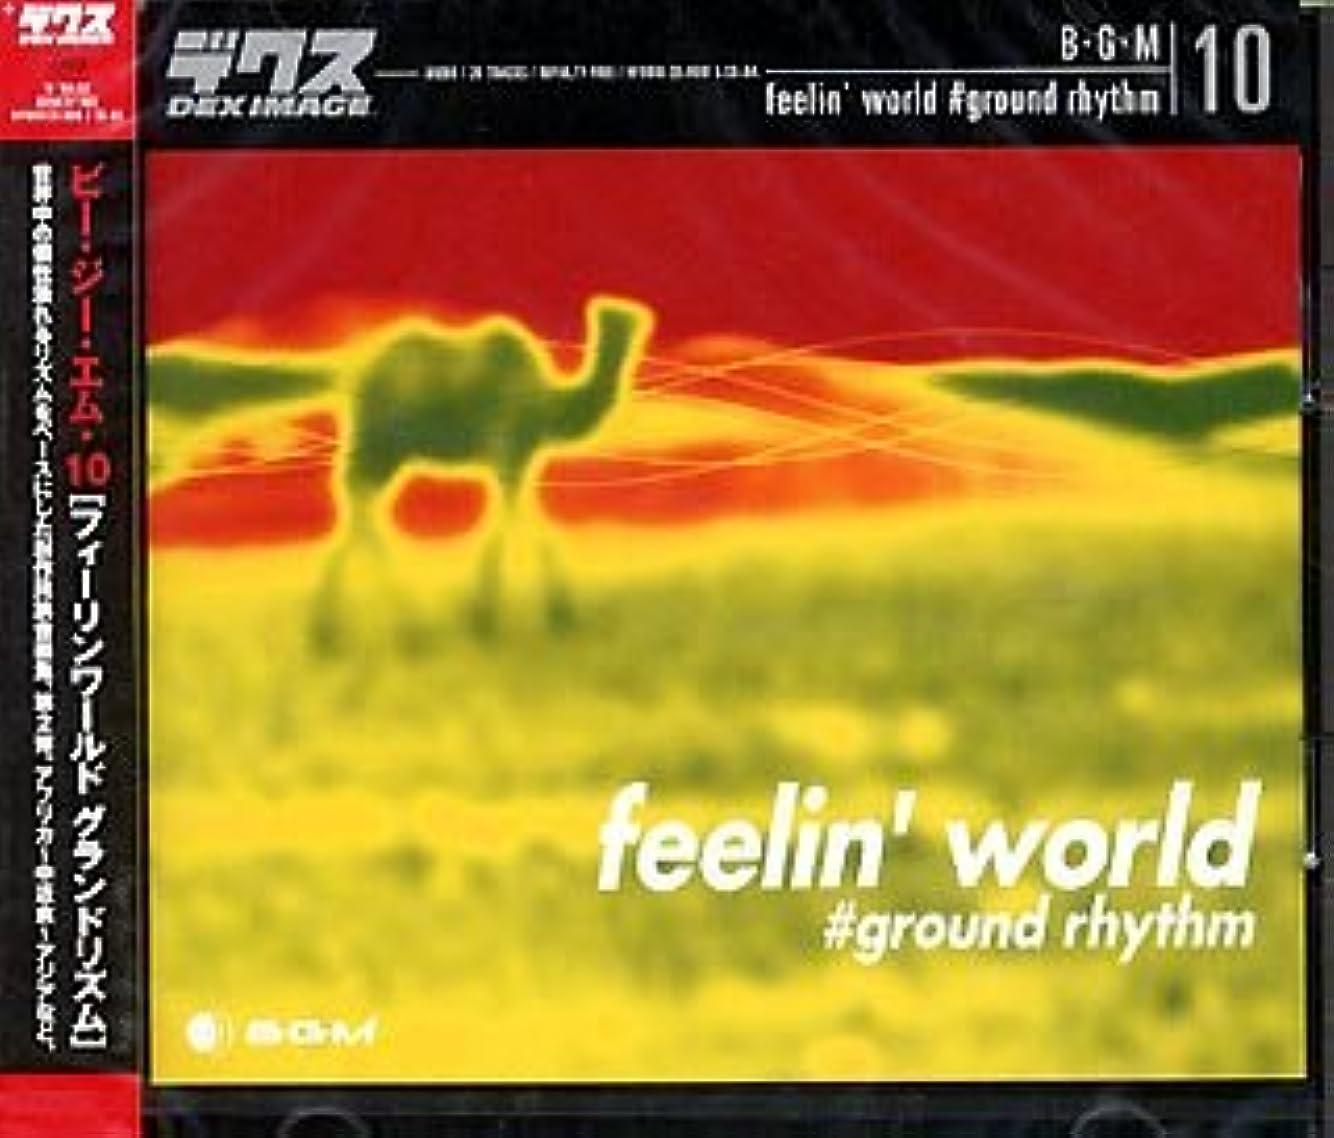 早める激怒束ねるB・G・M 10 feelin' world #ground rhythm